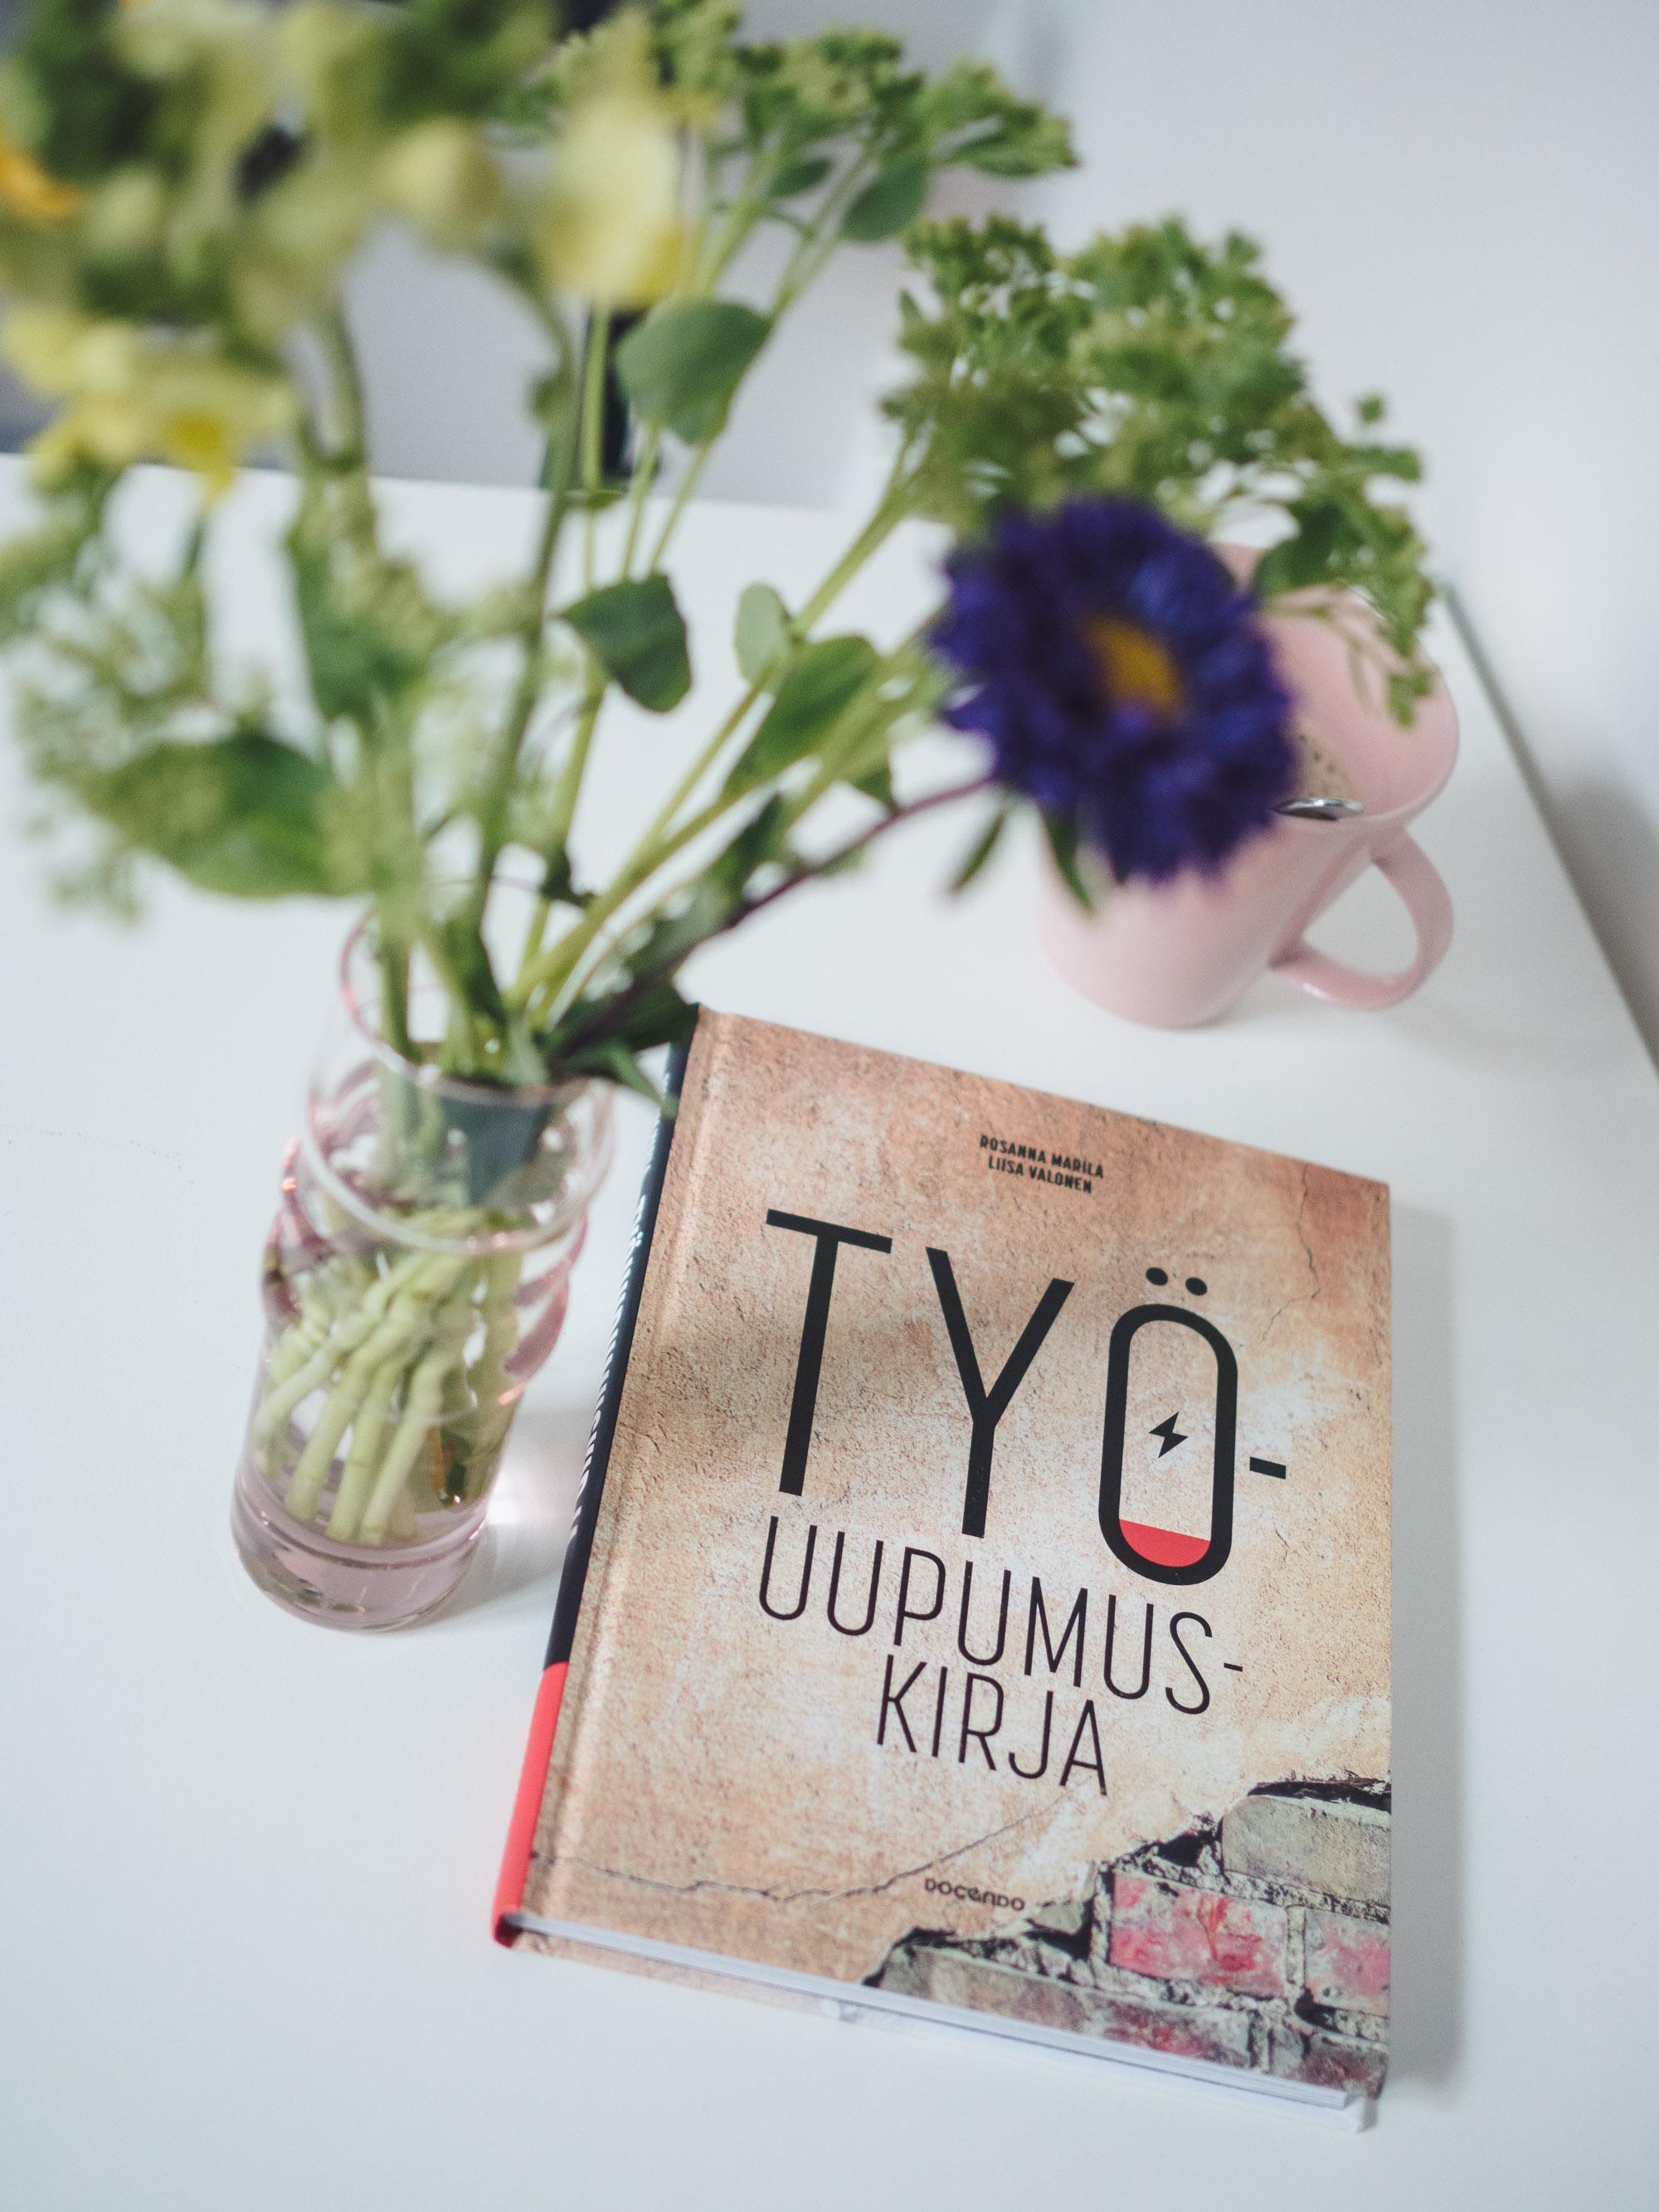 Työuupumuskirja 2020 Rosanna Marila Liisa Valonen